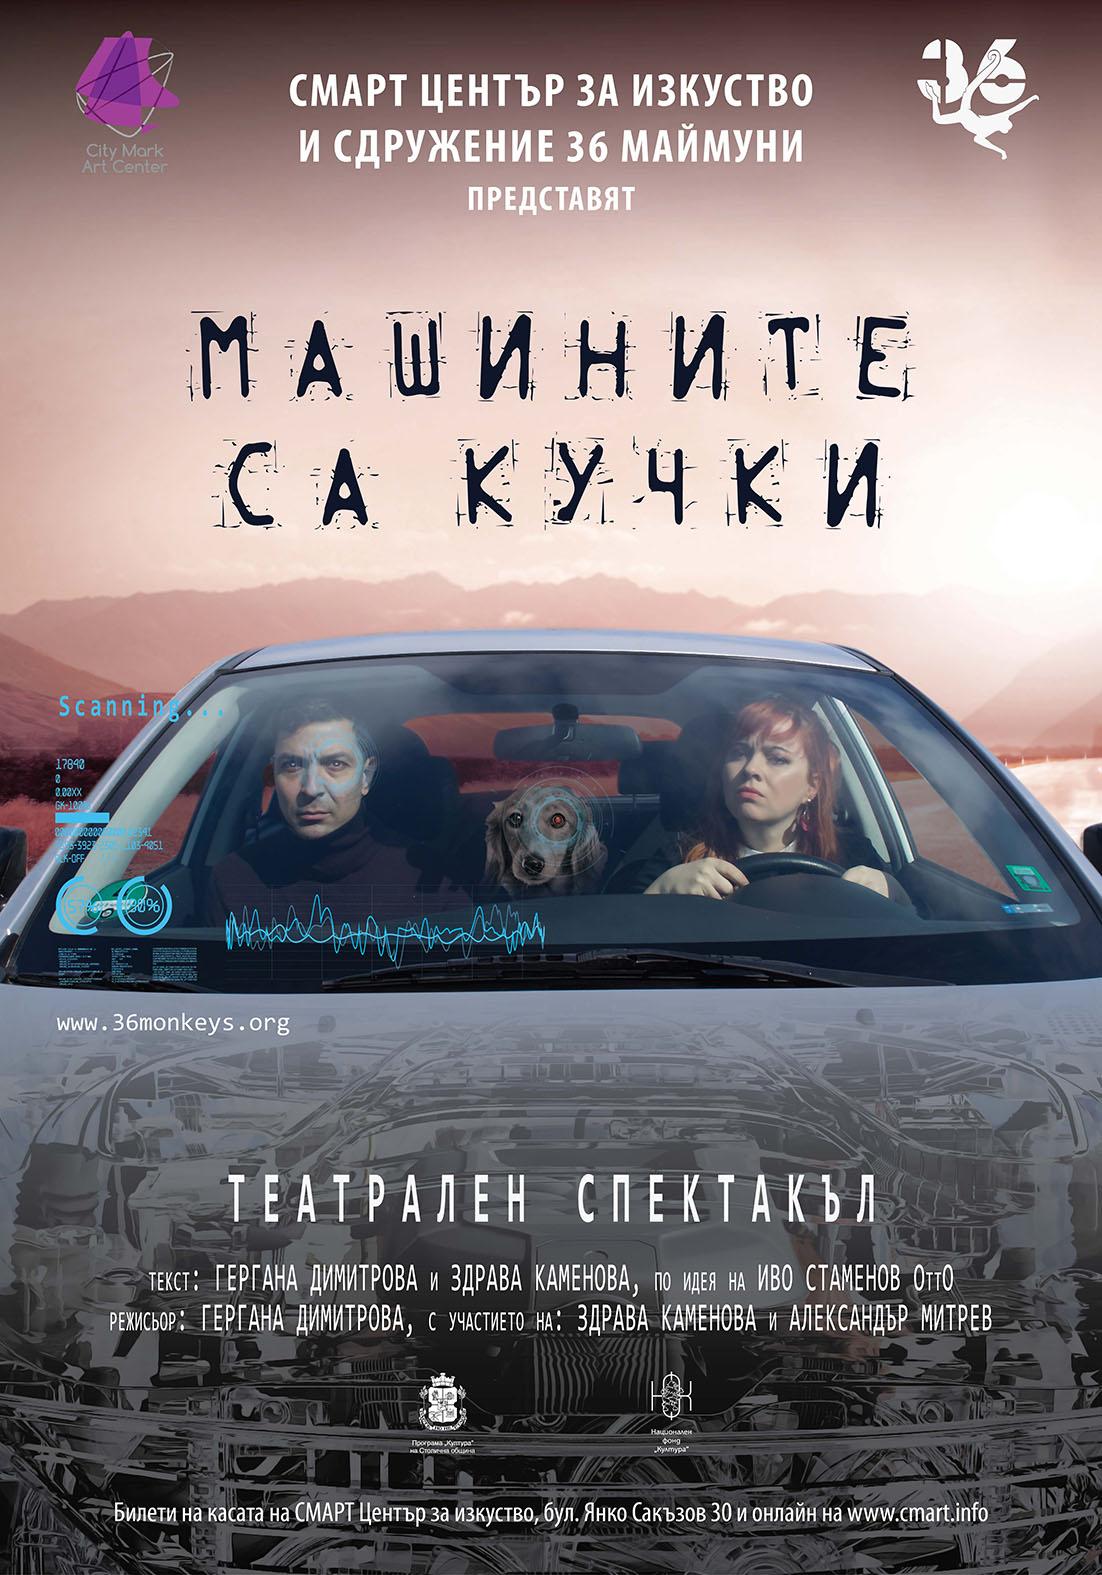 CMART_Mashinite_sa_kuchki_70x100cm